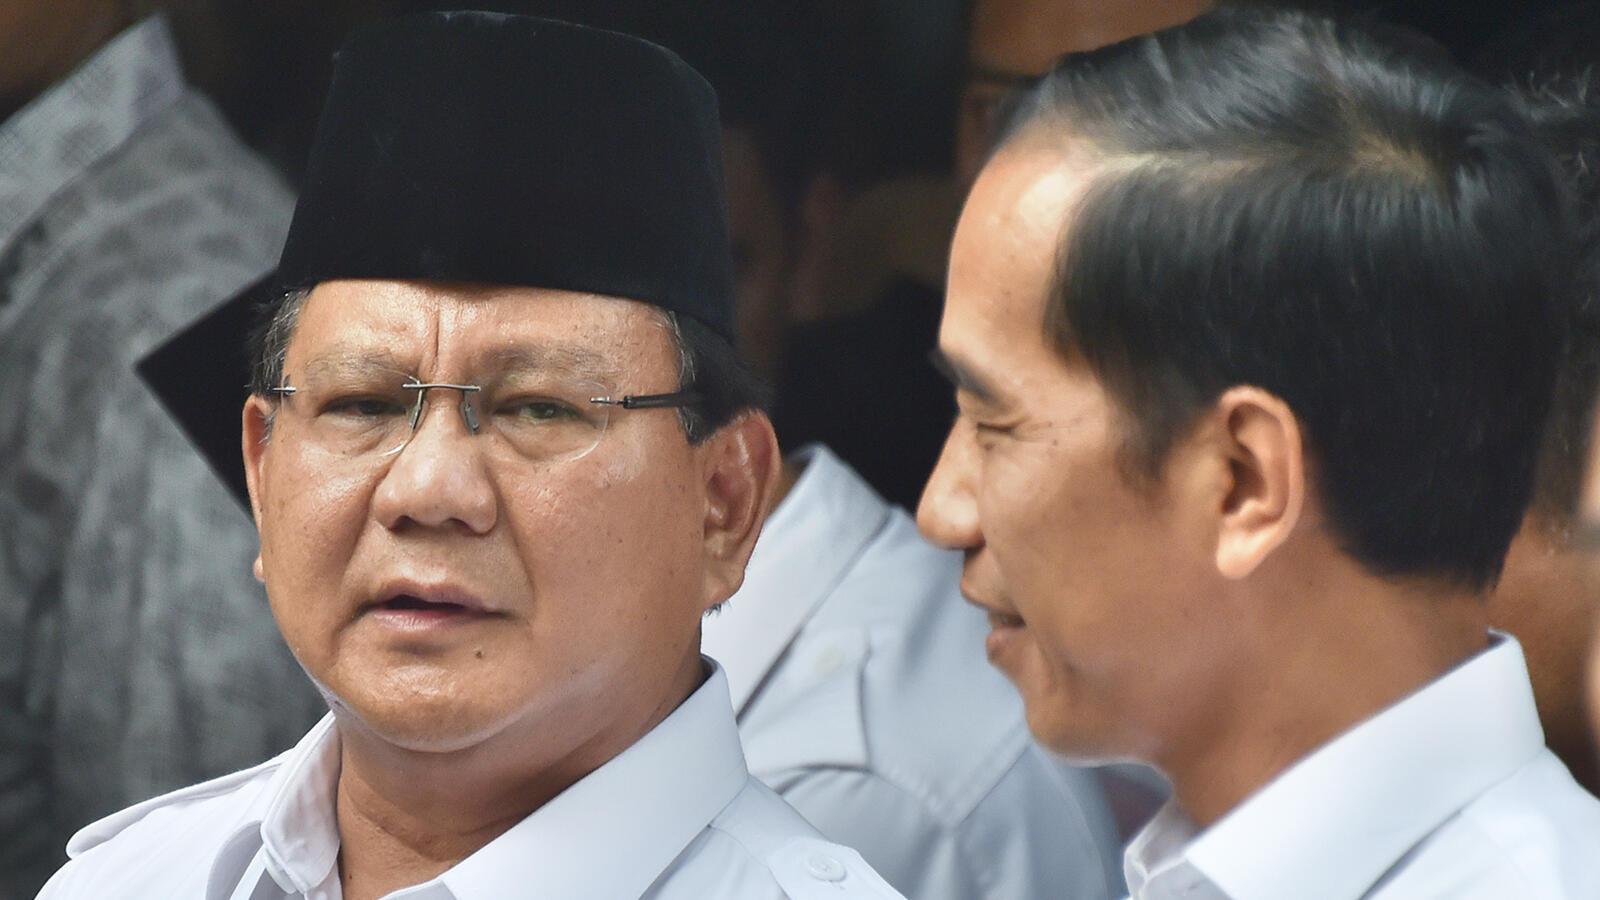 Lembaga INES Bikin Survei: Prabowo 50,20%, Jokowi 27,70%